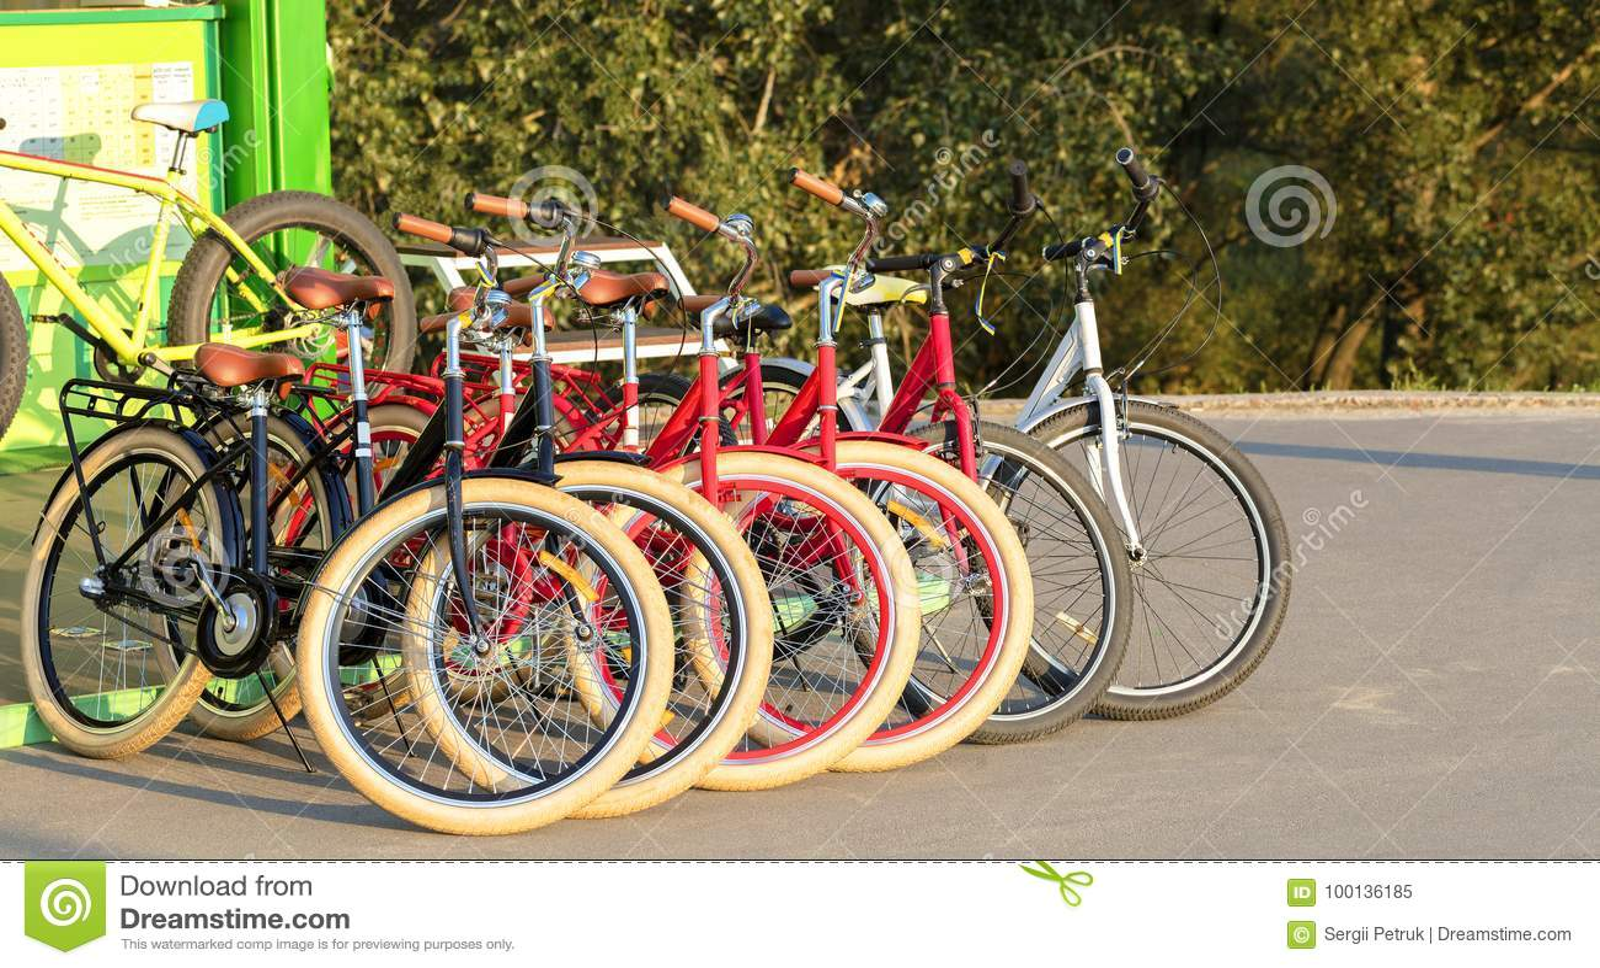 O grupo de bicicletas coloridas estacionou junto em um close up do parque de estacionamento